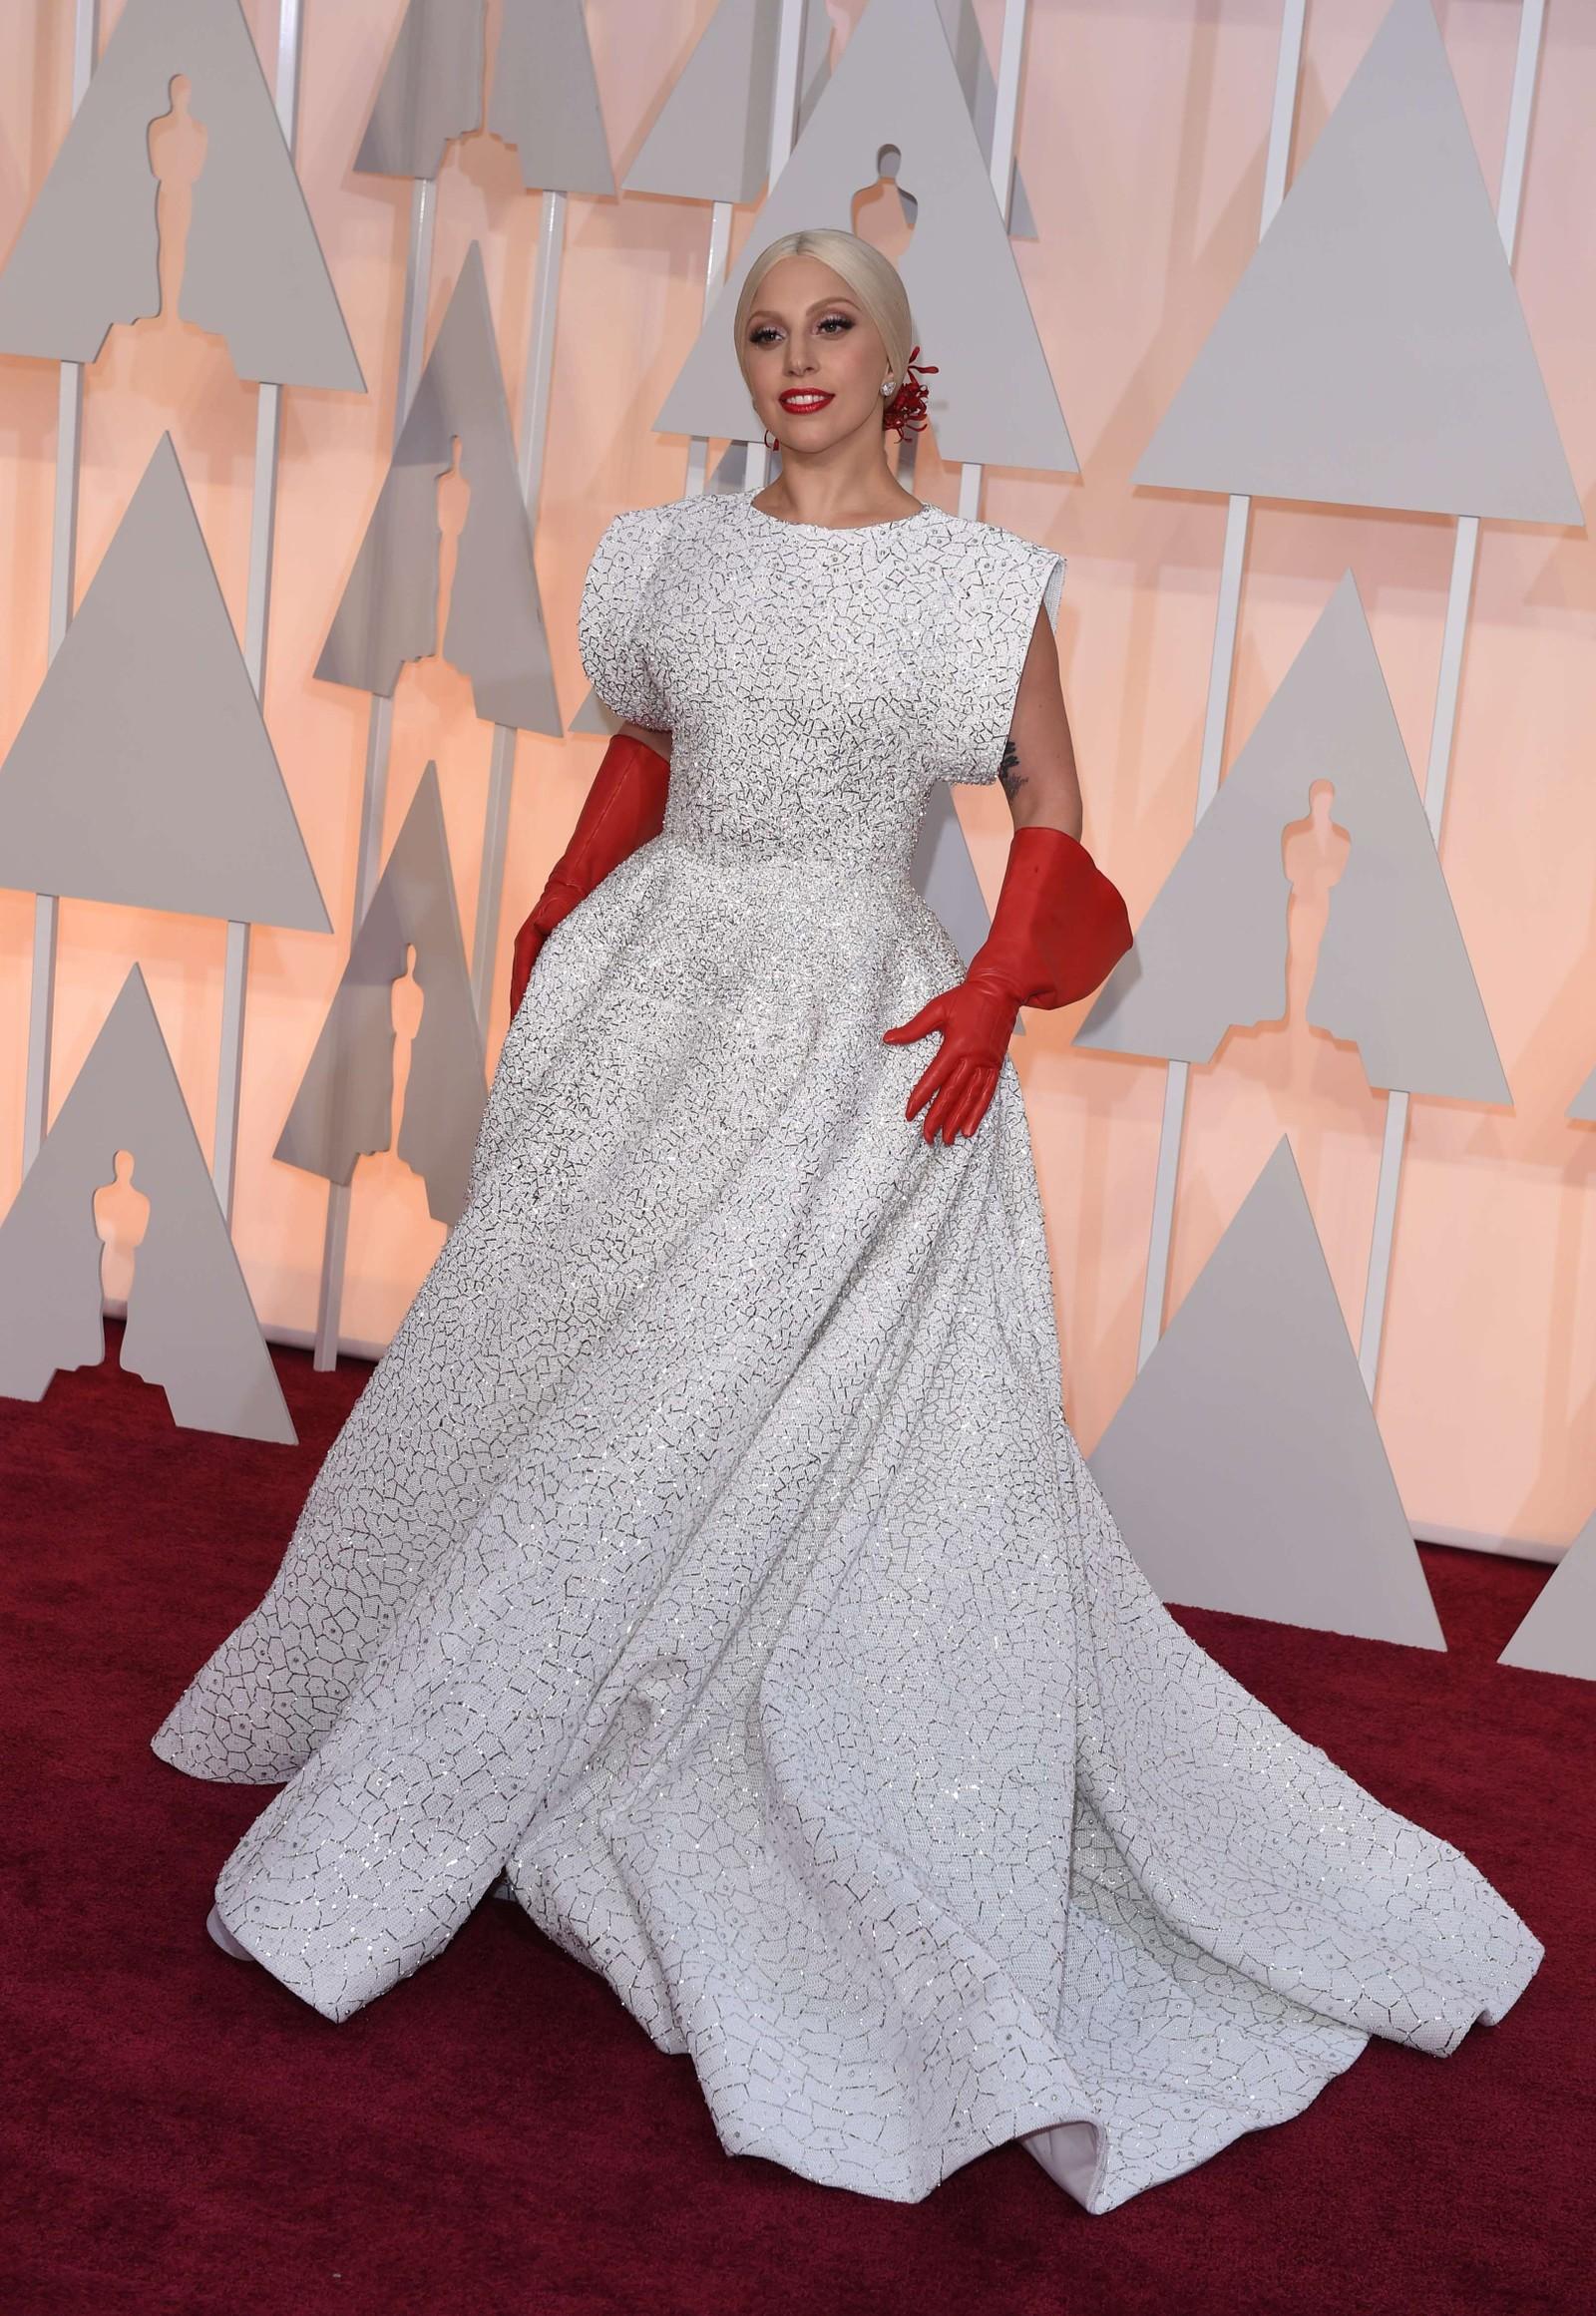 VERST: Lady Gaga ødelegger en ellers fin kjole fra Azzedine Alaia med røde oppvaskhansker som tilbehør, mener NRKs ekspert.